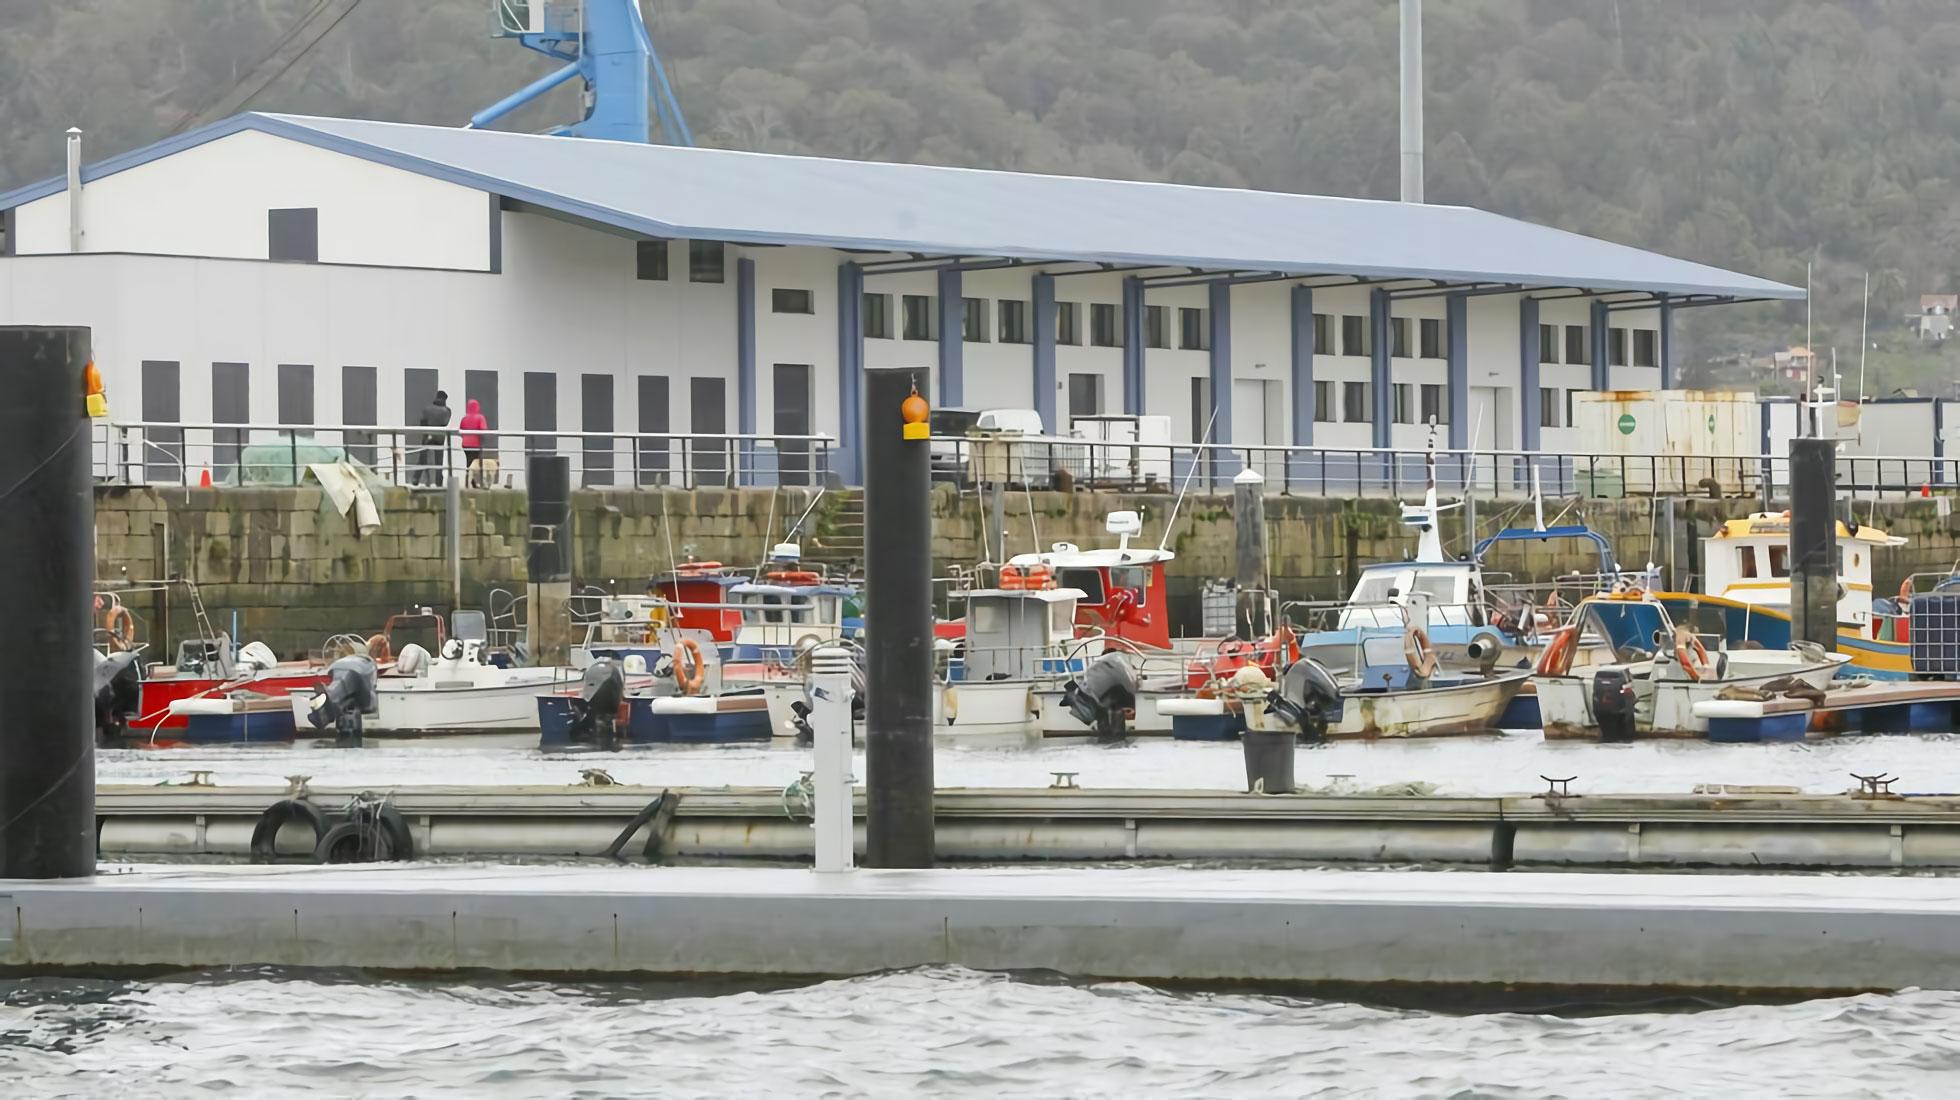 Cofradía de pescadores de Ferrol